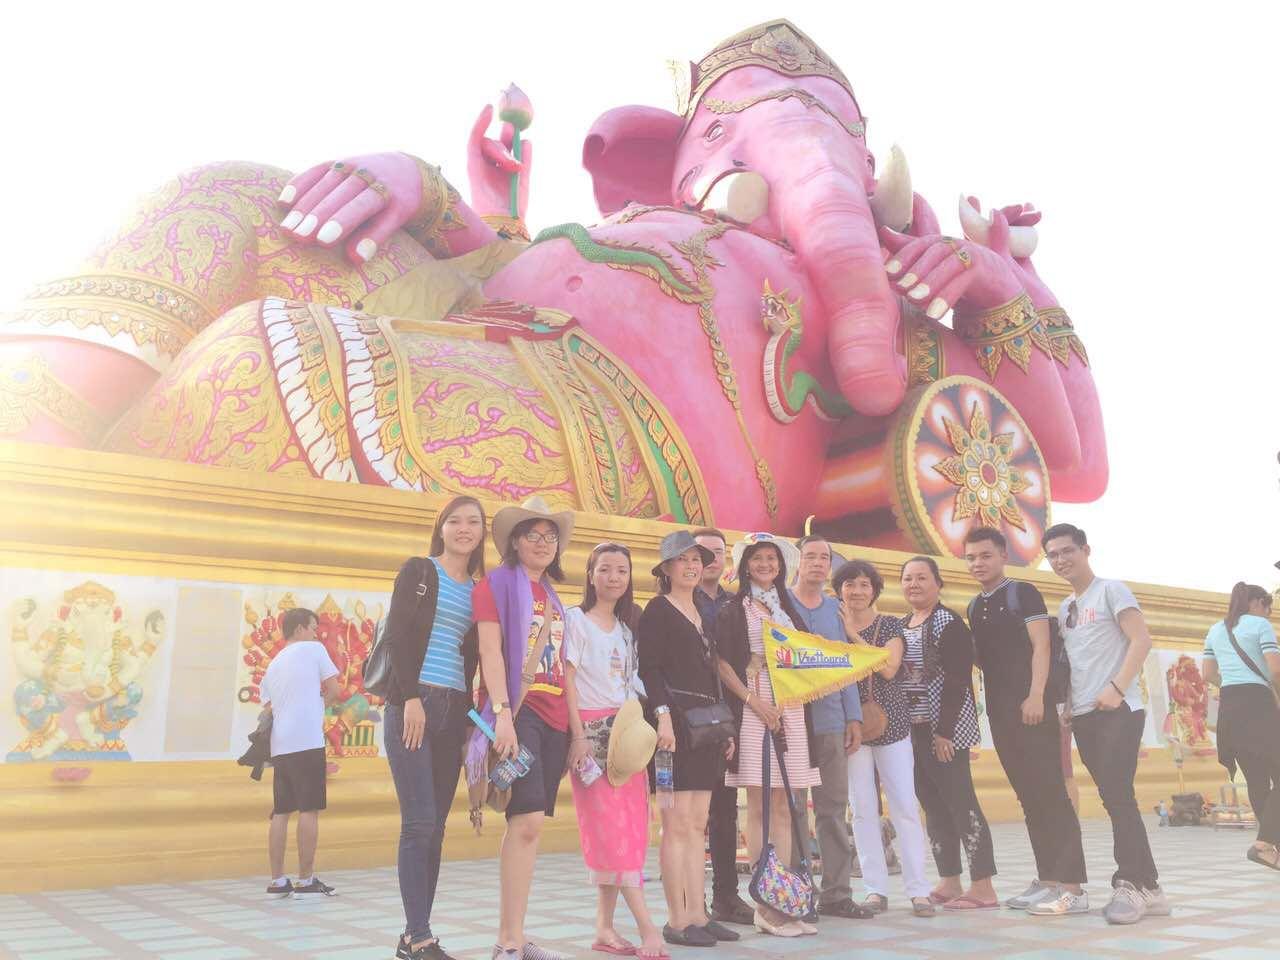 Ký sự du lịch Thái Lan: Trải nghiệm ấn tượng khó quên